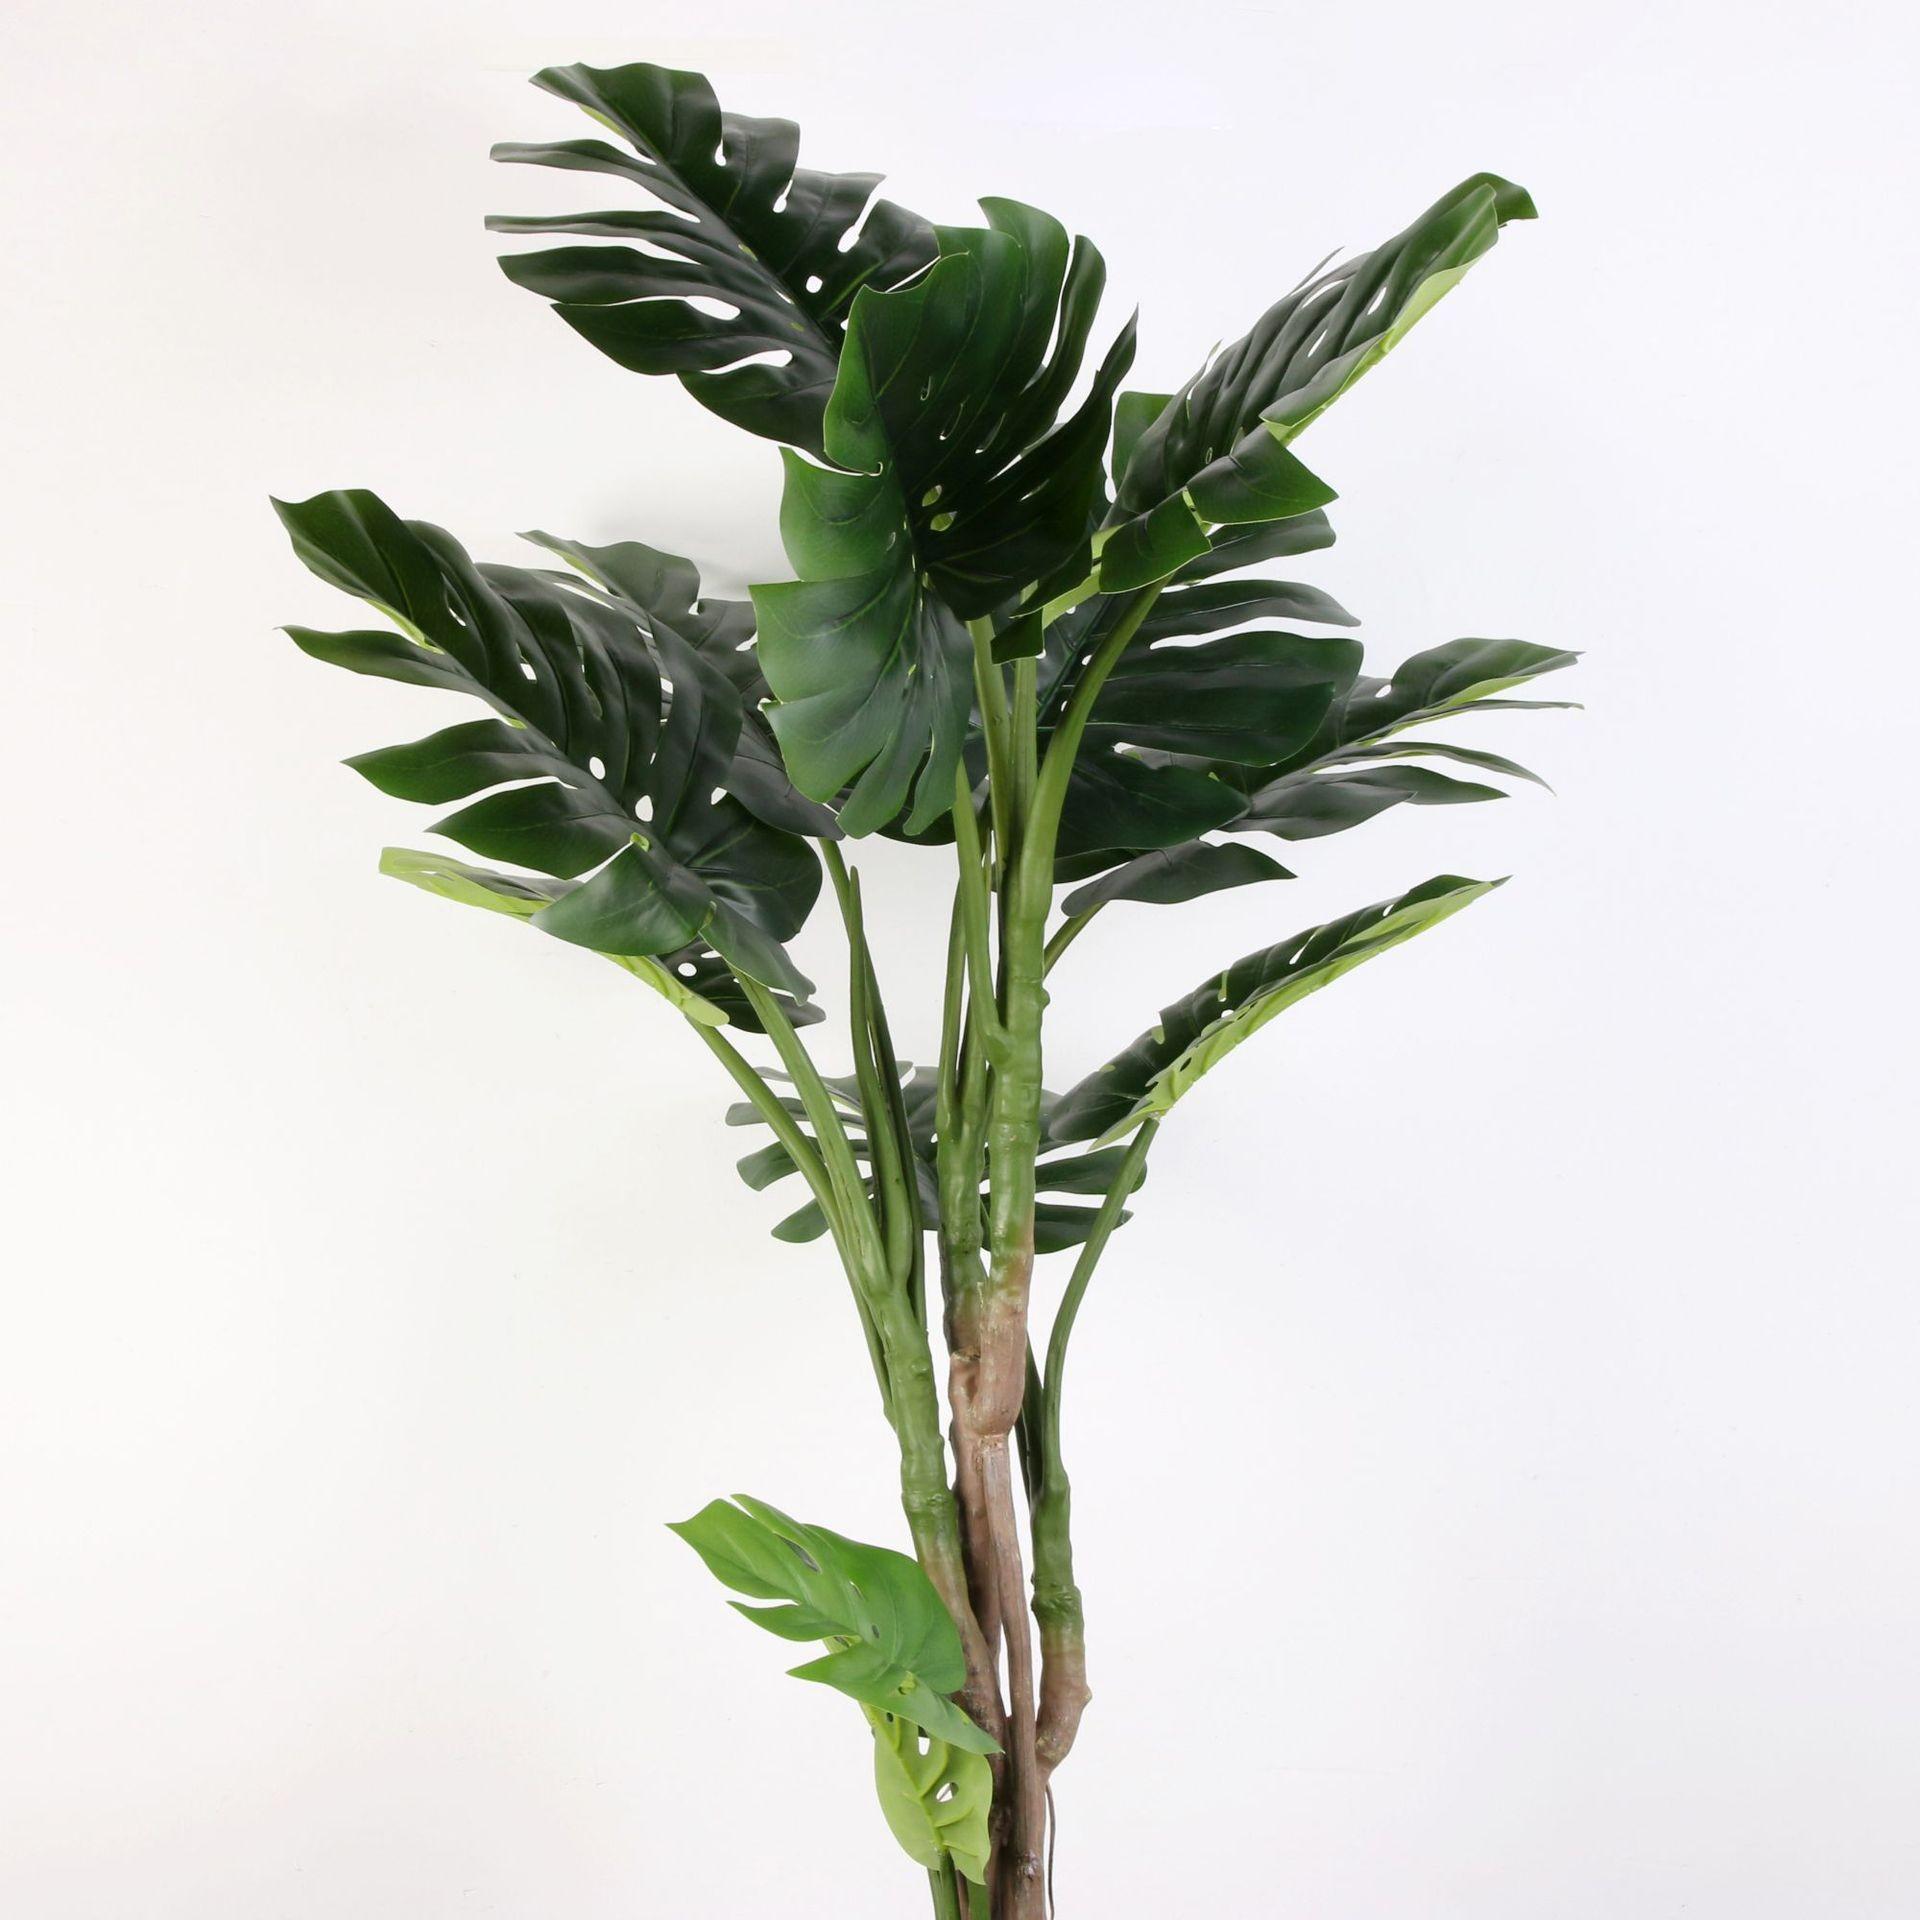 Điểm nhấn của cây Monstera nhiệt đới nằm ở phần tán lá phía trên và phần thân cây